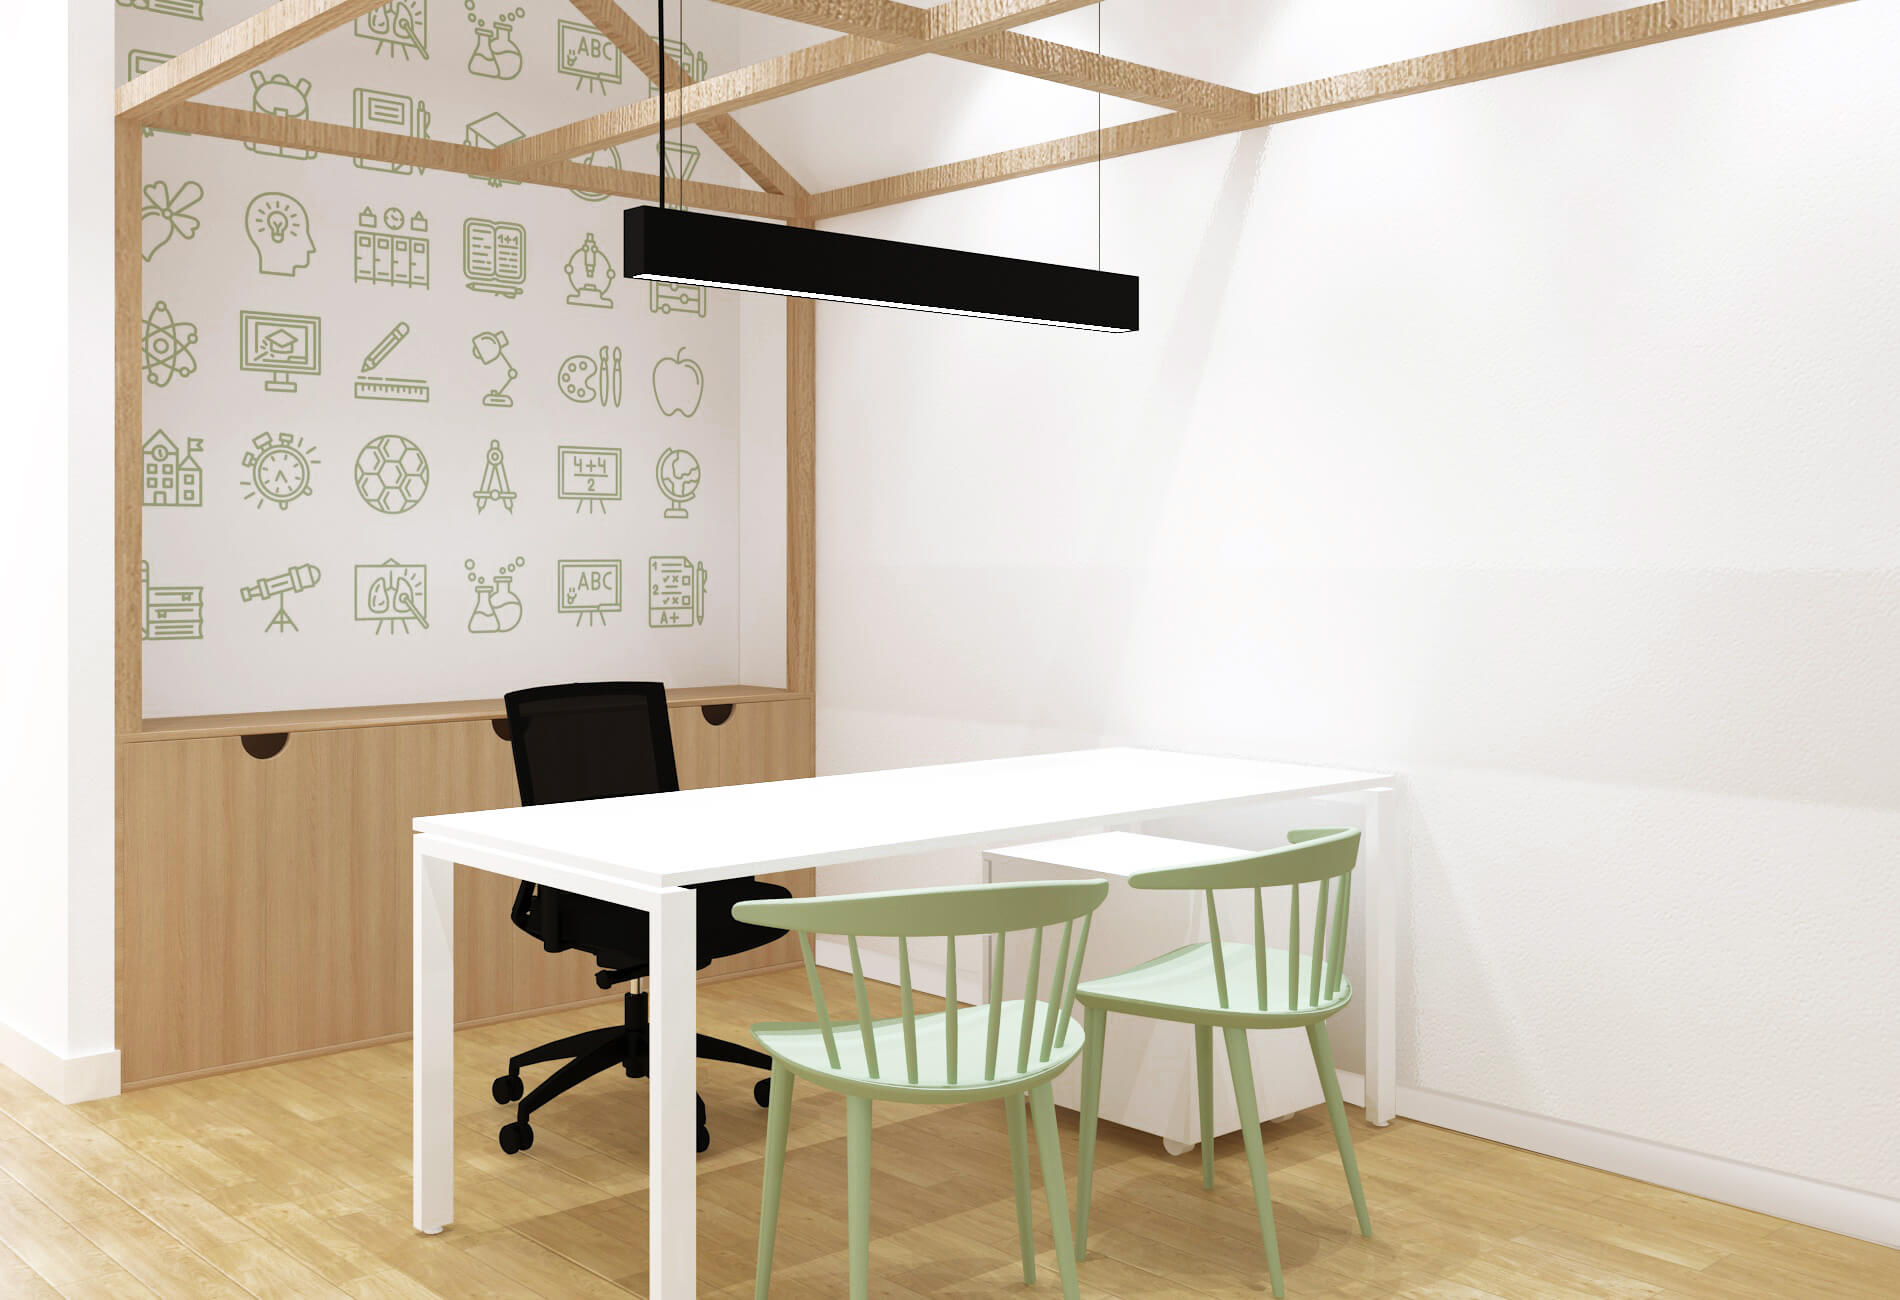 A união da classe docente 2 | Hauss - Interior Design e Contract